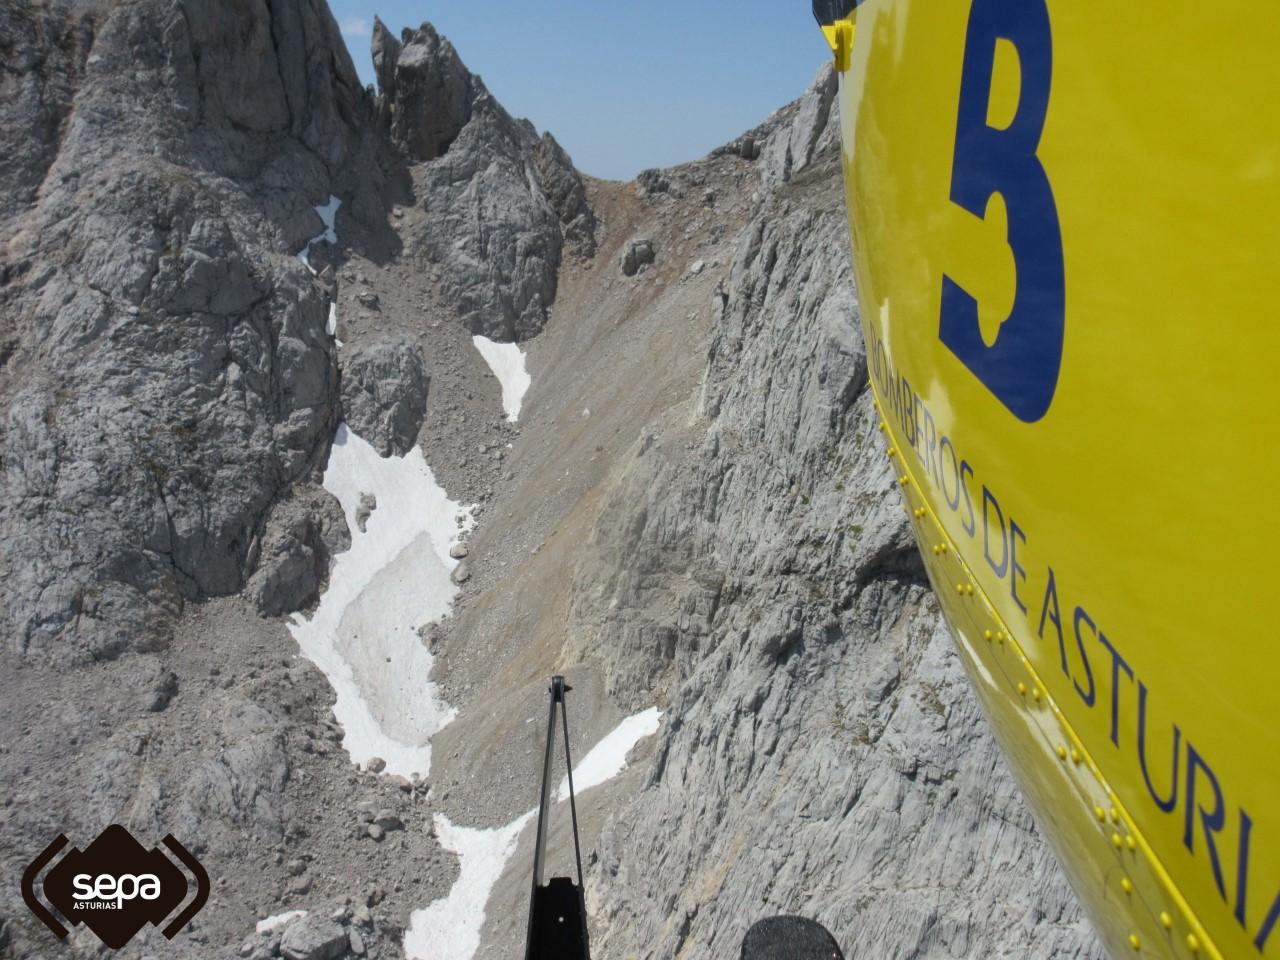 Rescatado un menor que sufrió una caída en los Picos de Europa y se fracturó el peroné